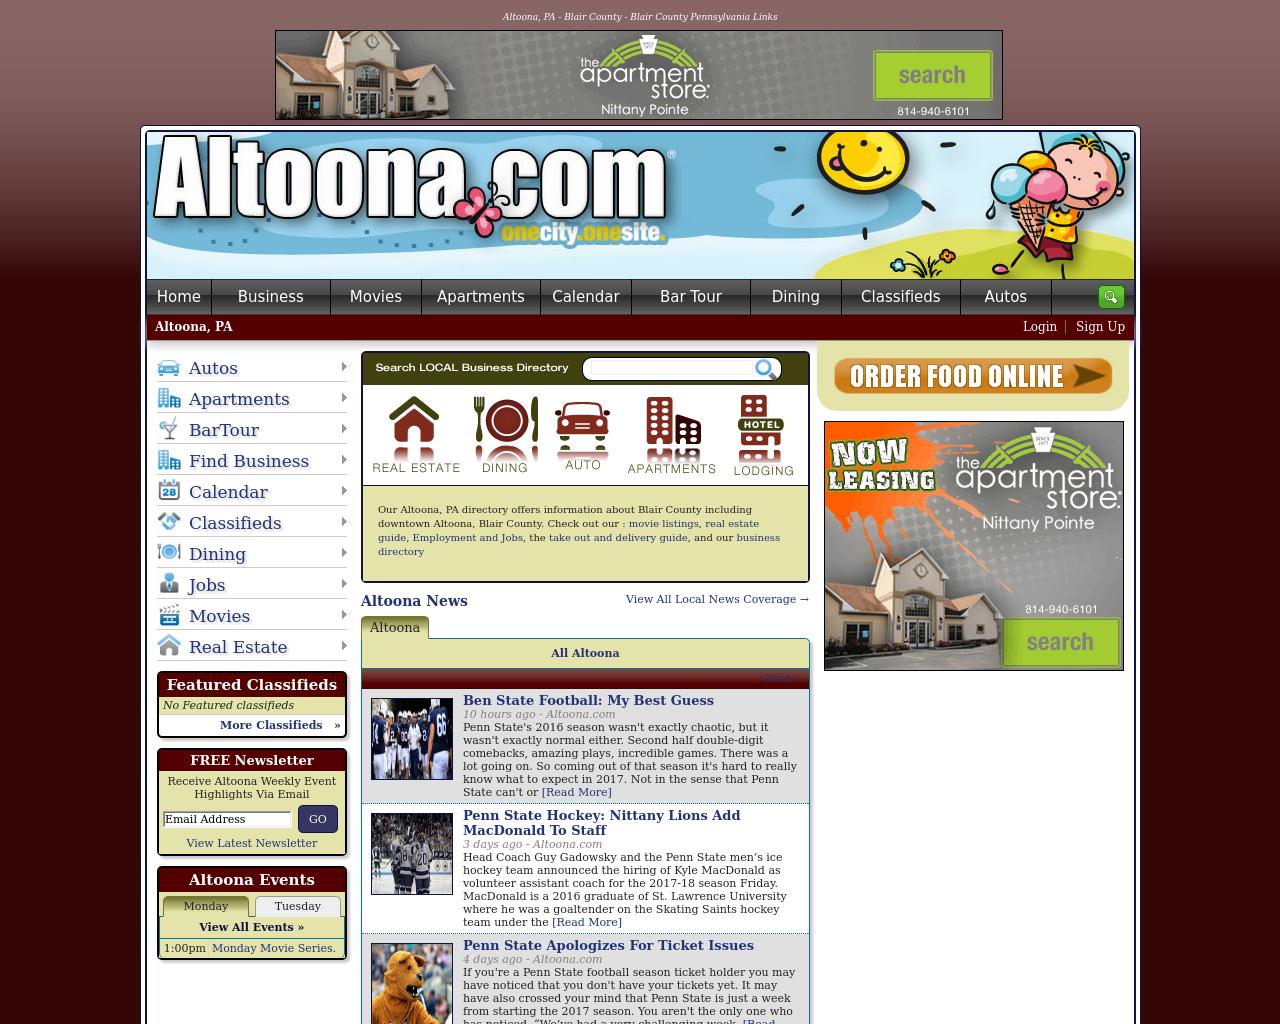 altoona.com-Advertising-Reviews-Pricing